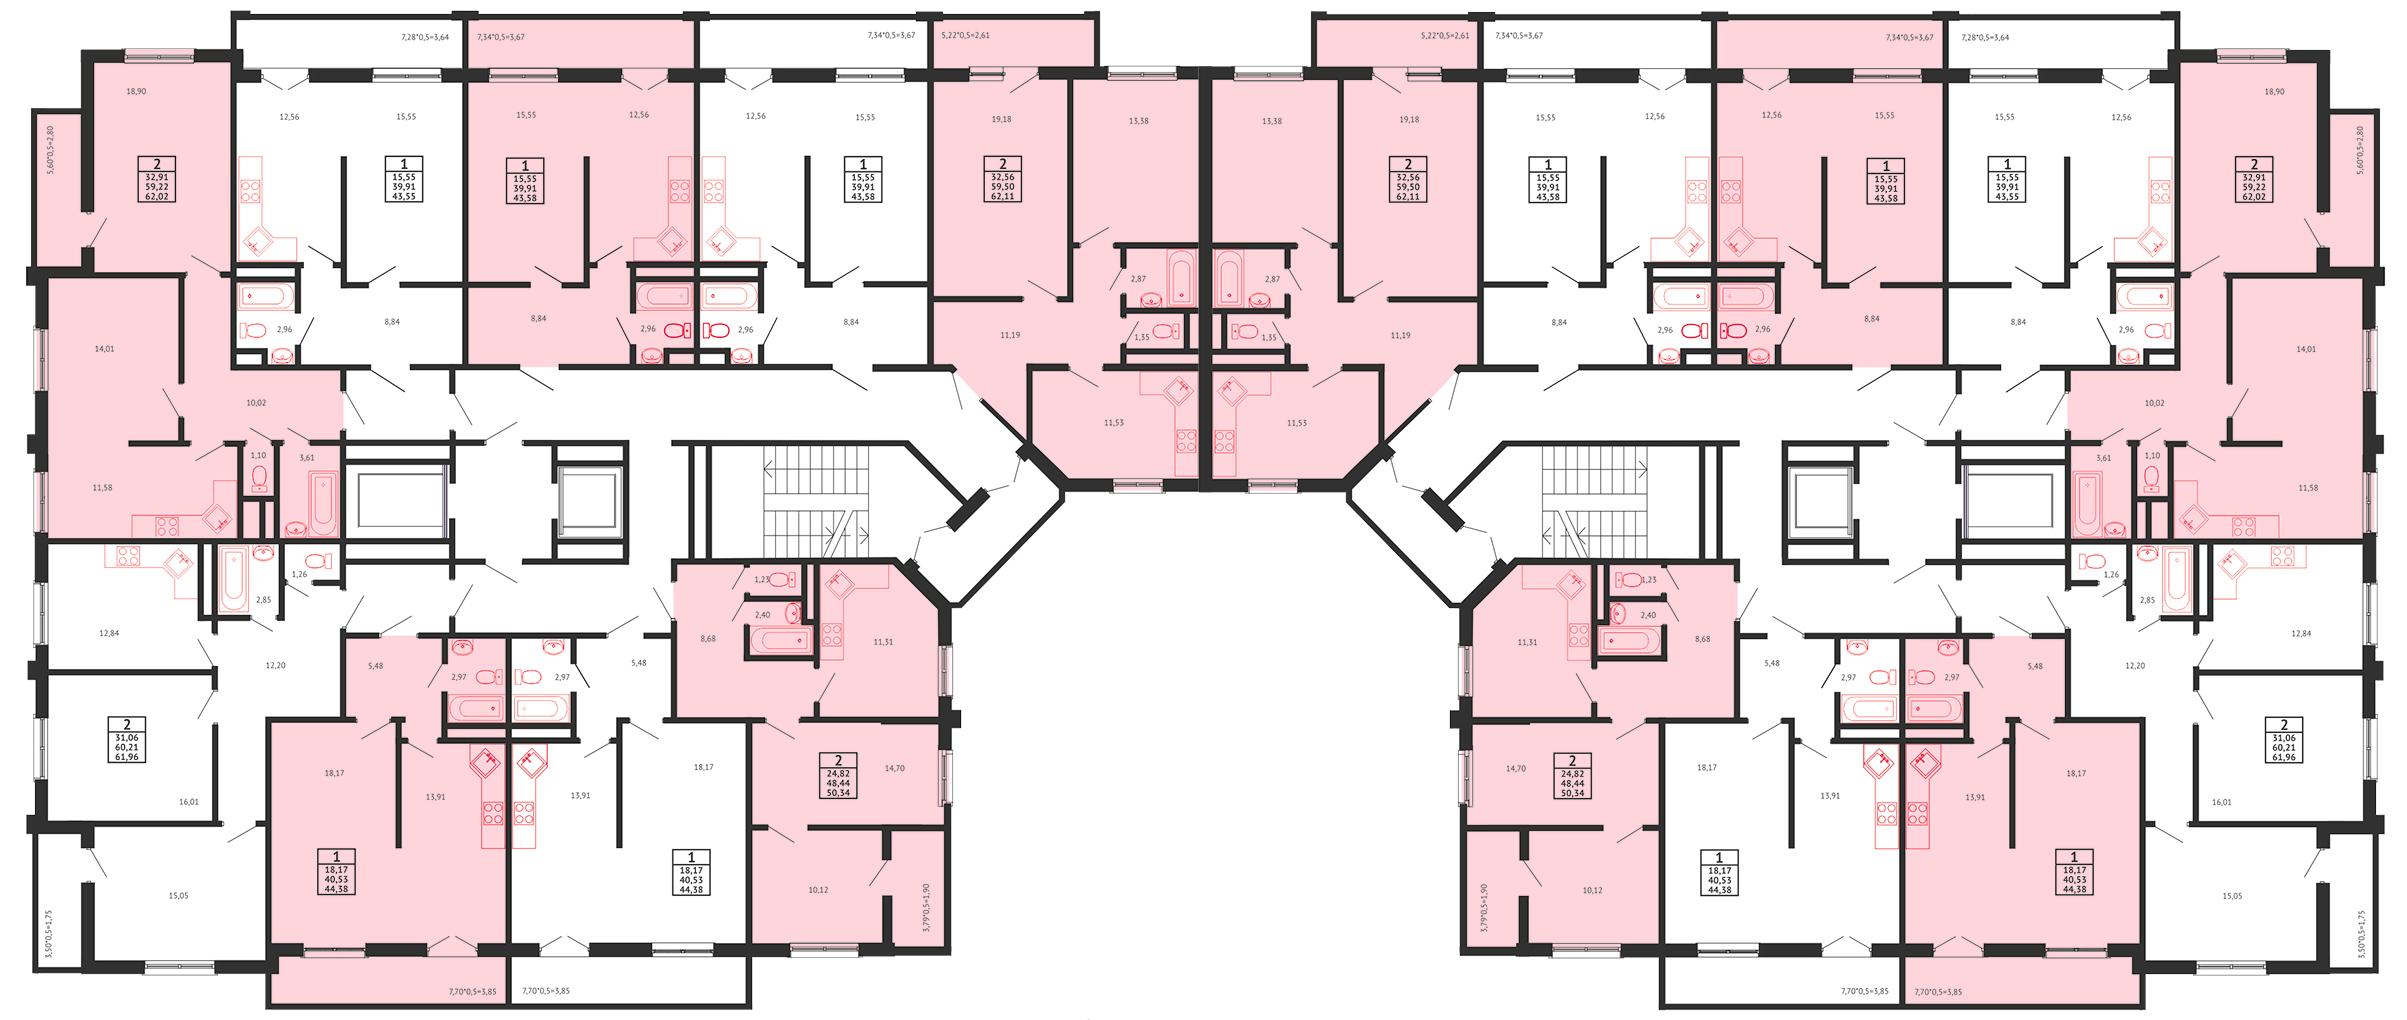 Планировка ЖК Арена Парк - Подъезд  - Этаж